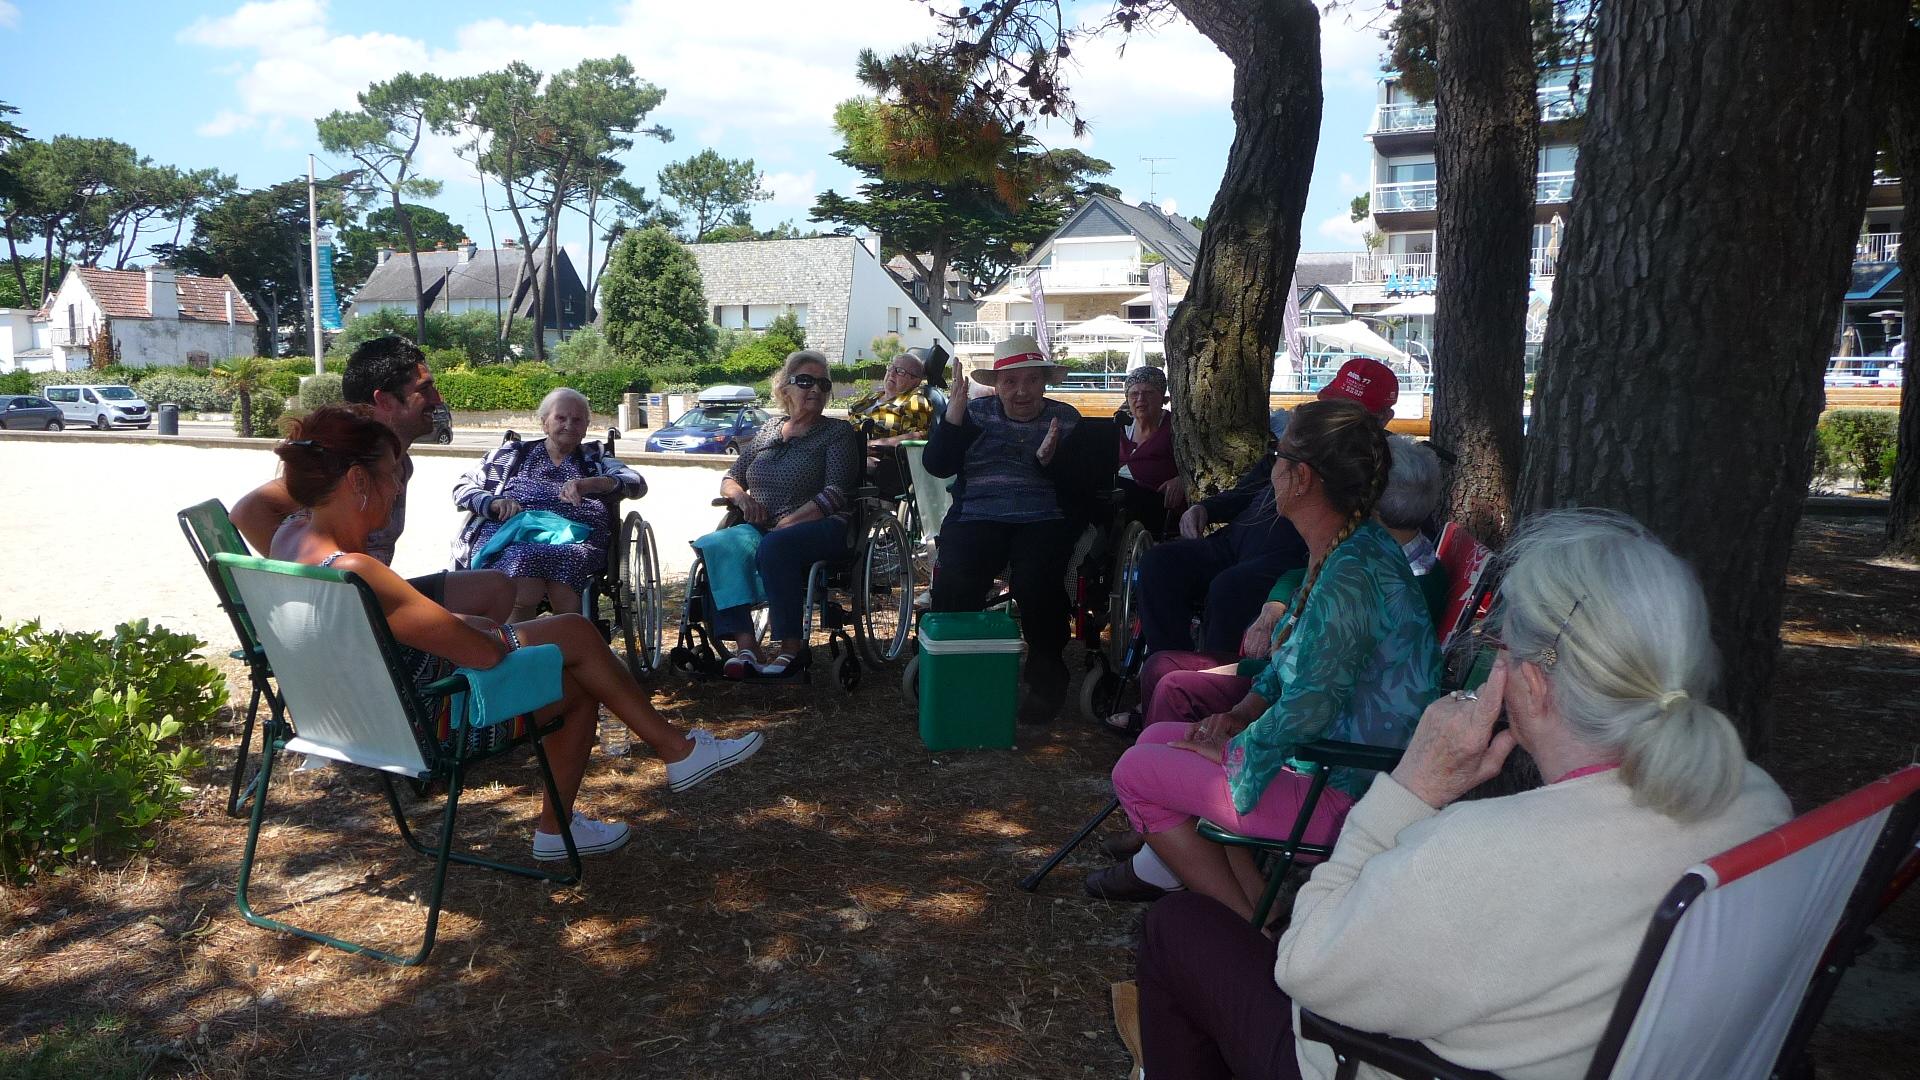 Sortie plage à Carnac le 29 juin 2018